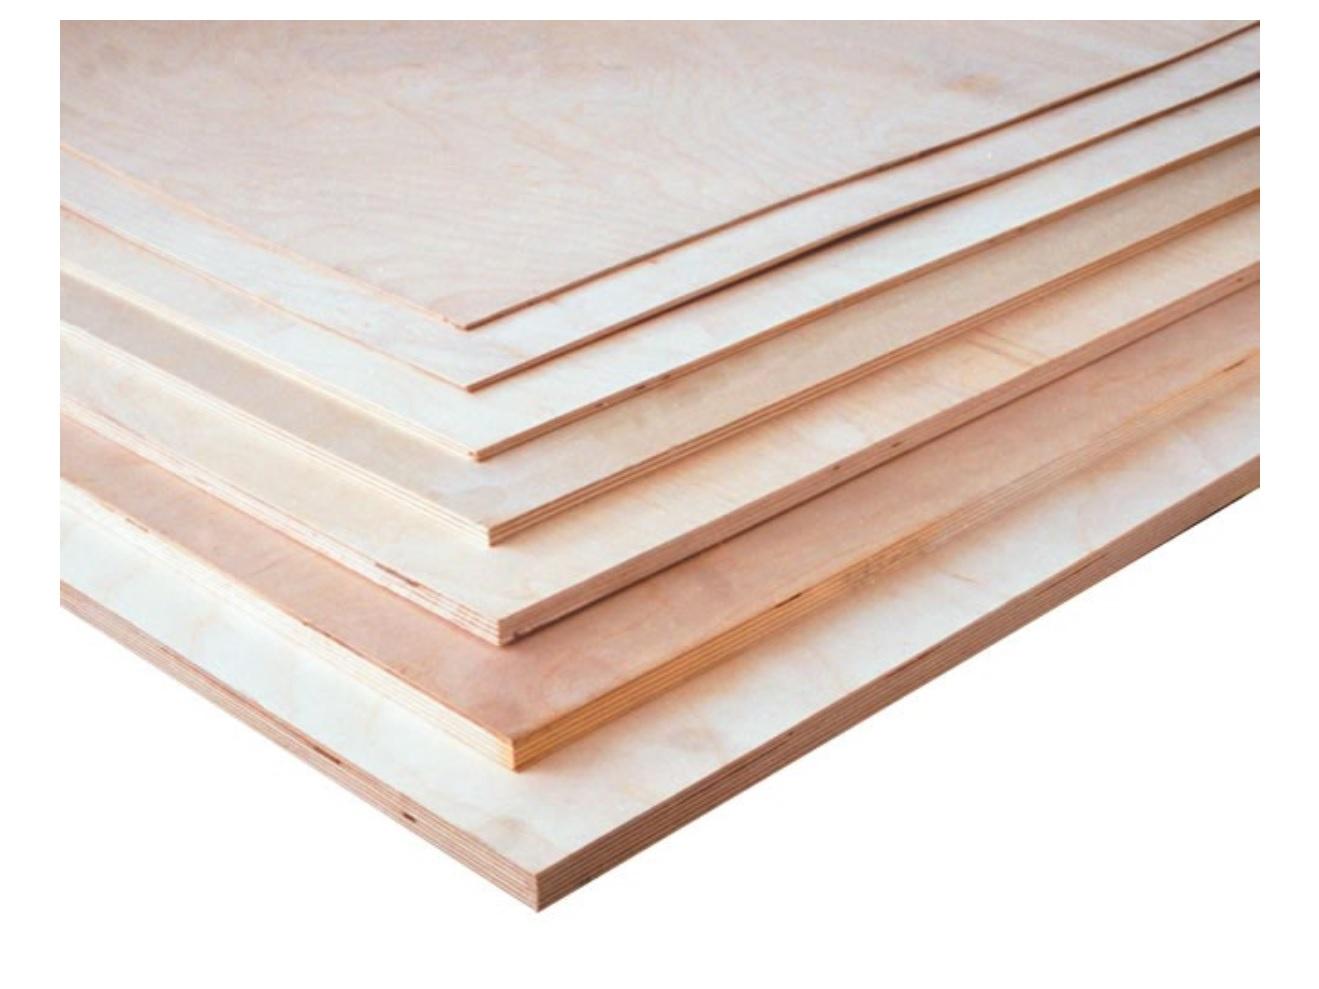 1 32 x 6 x 12 3 ply birch plywood balsatron inc